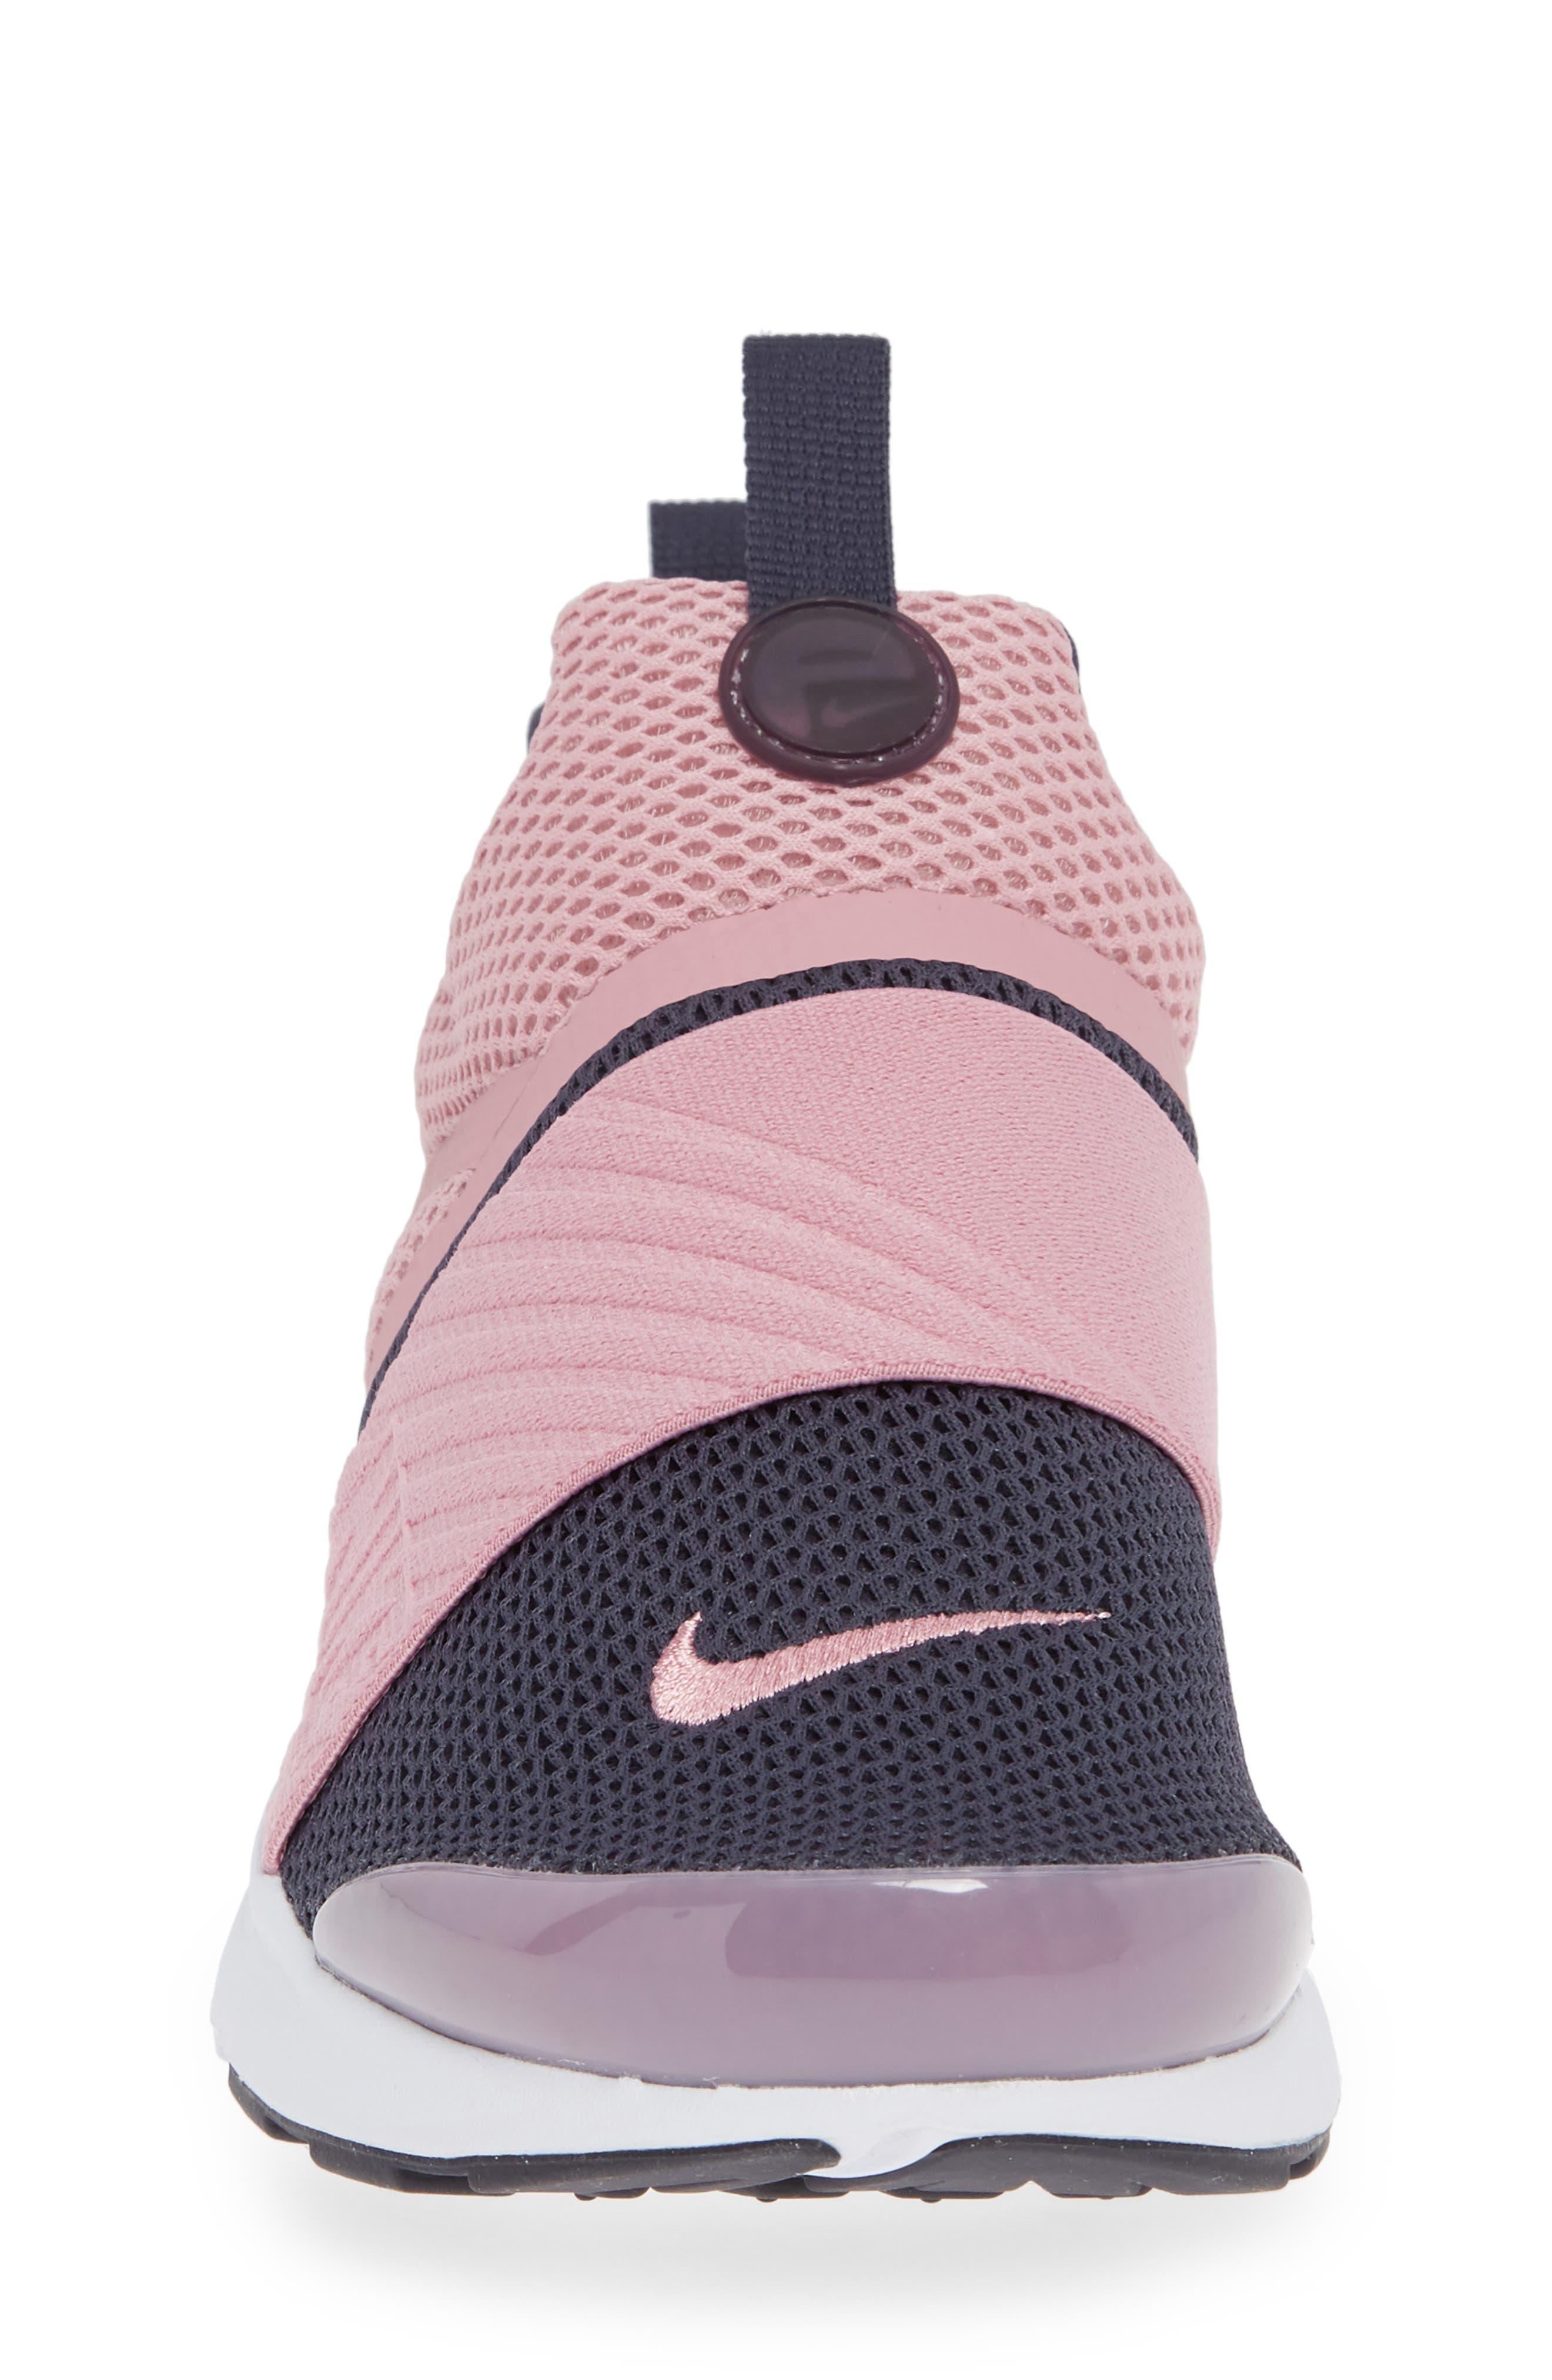 Presto Extreme Sneaker,                             Alternate thumbnail 6, color,                             Elemental Pink/ Gridiron